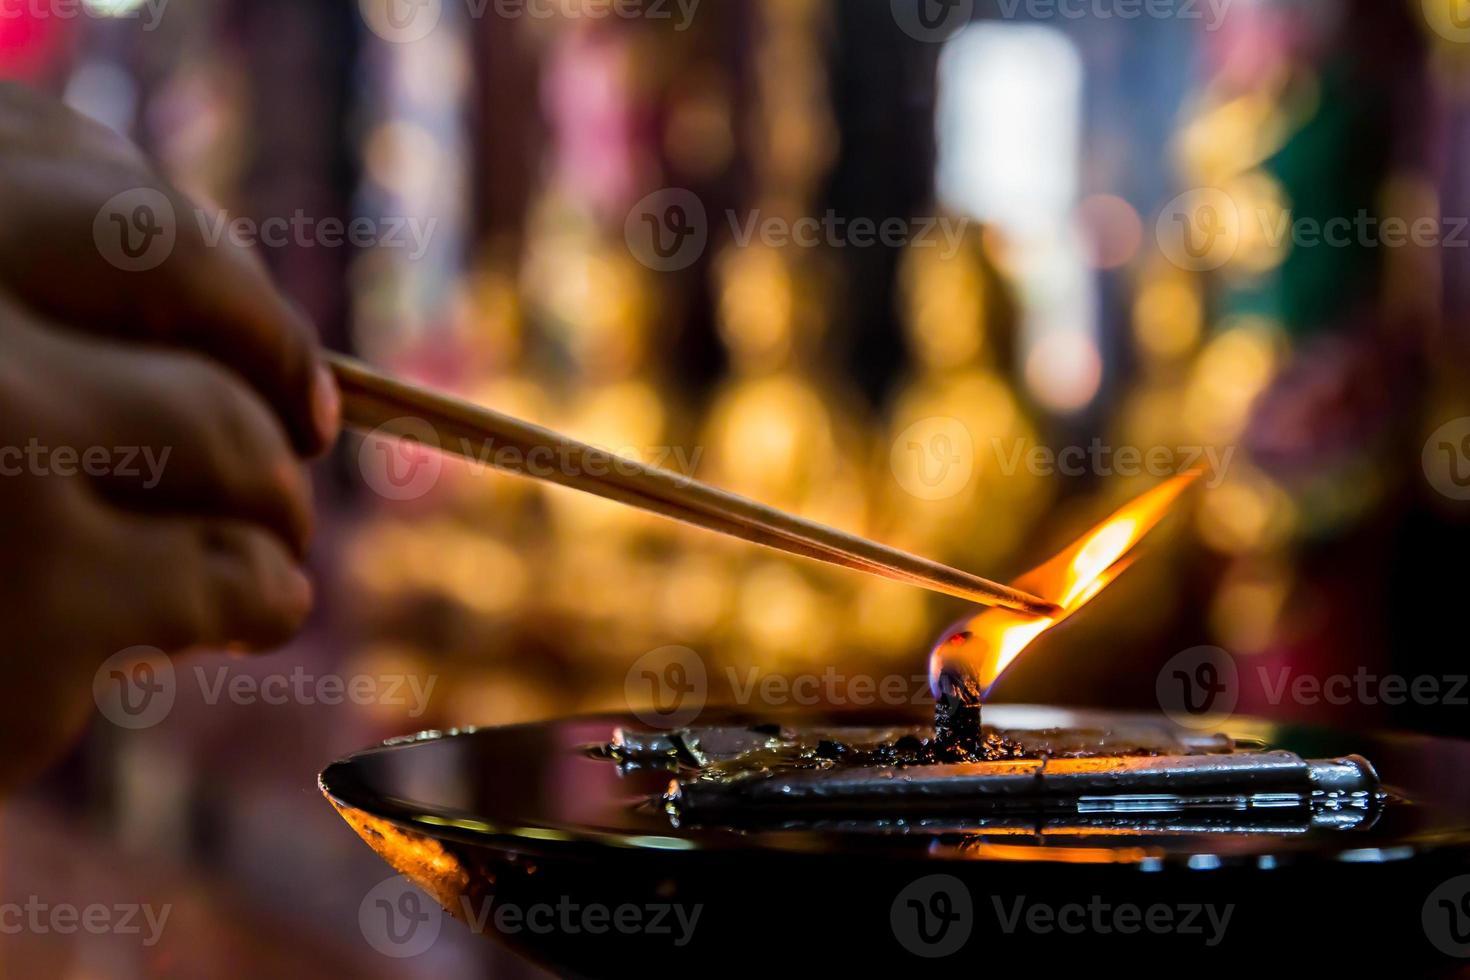 lámpara de aceite grande con la mano toma un joss stick encendido foto